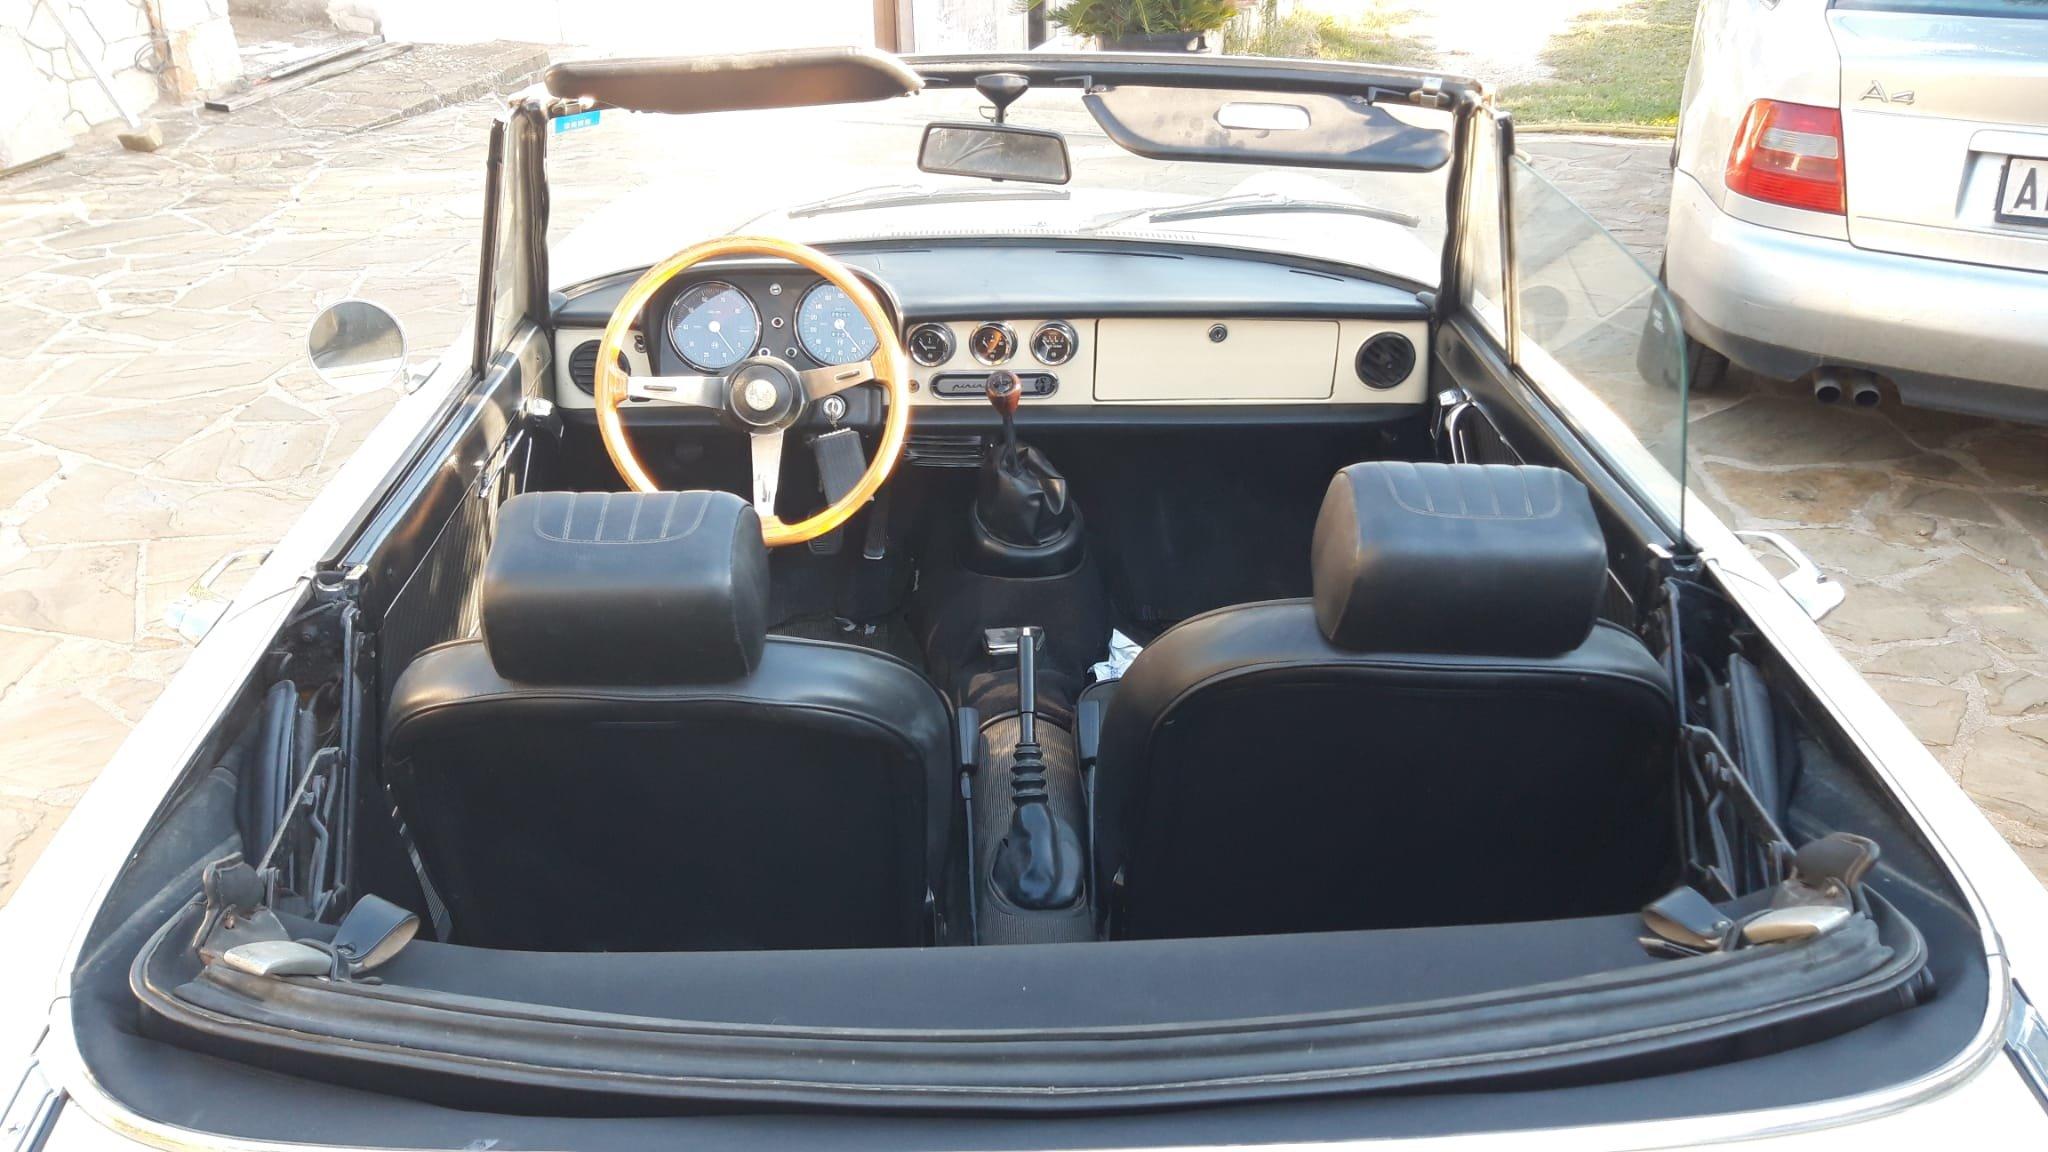 1976 Alfa Romeo Spider Duetto coda tronca 1300 For Sale (picture 8 of 9)